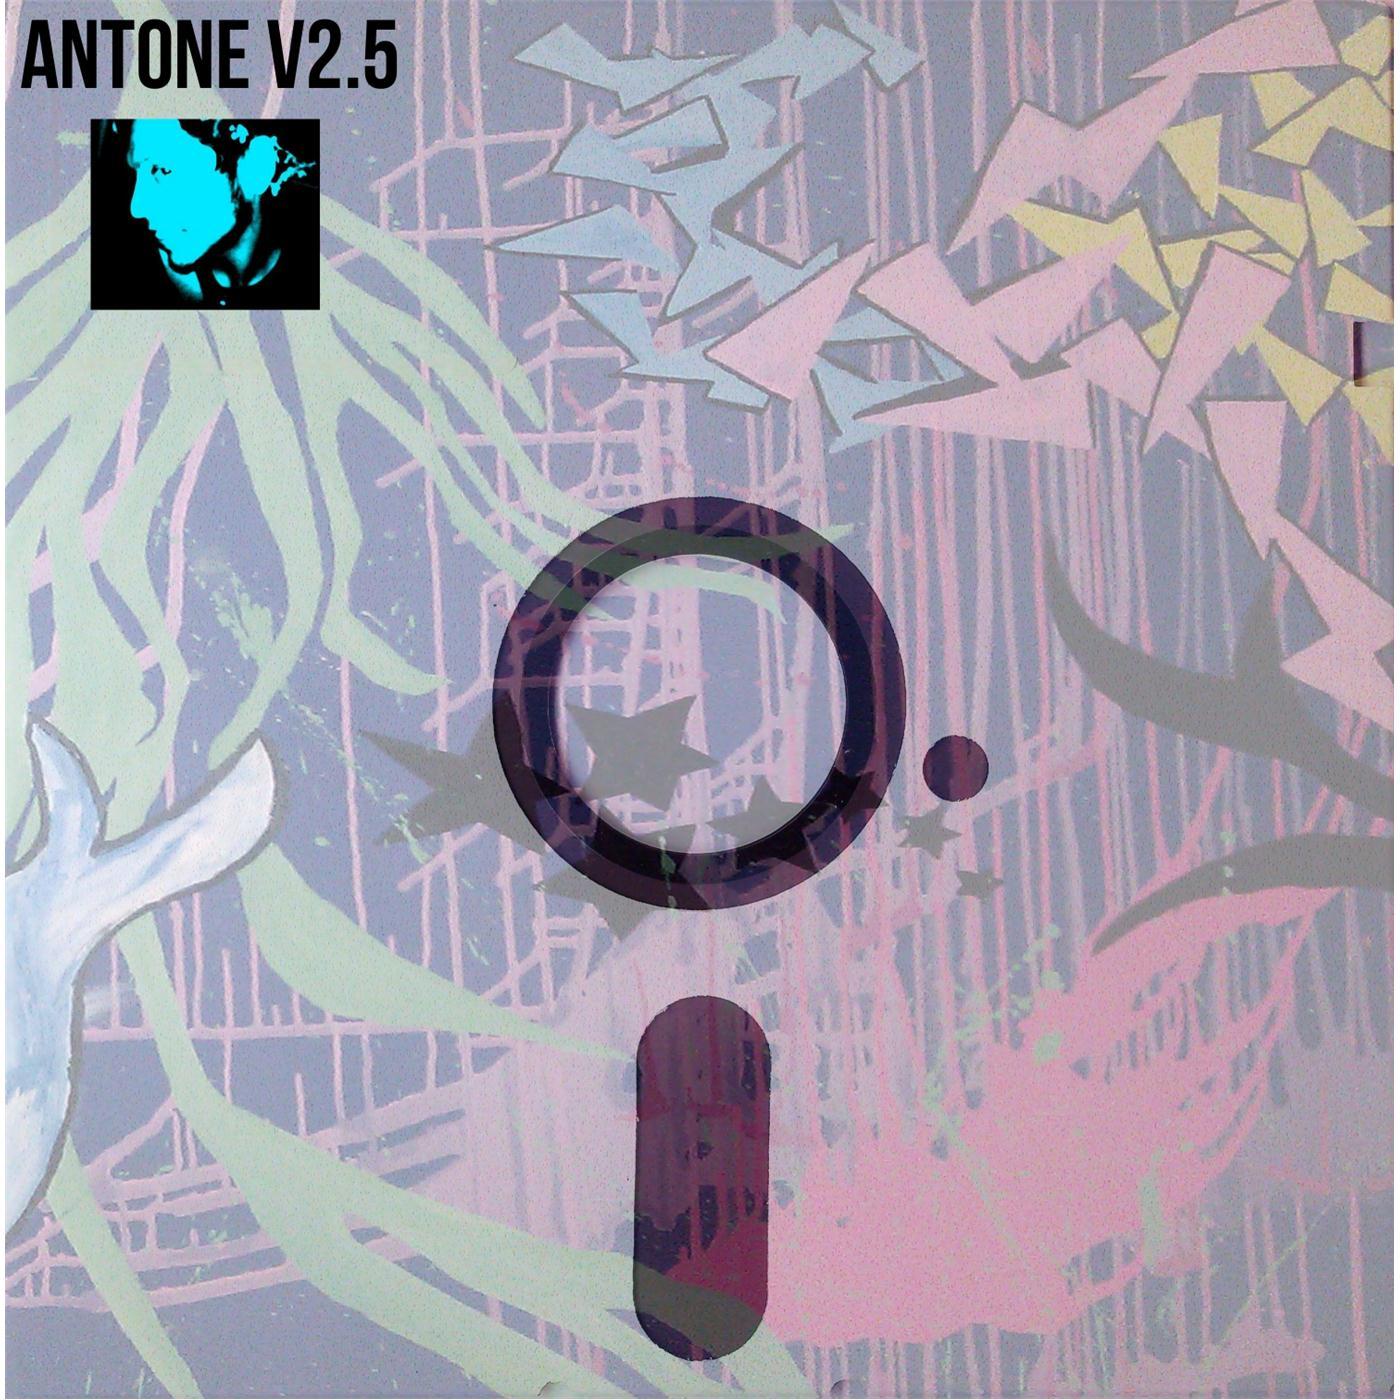 Antone – V2.5